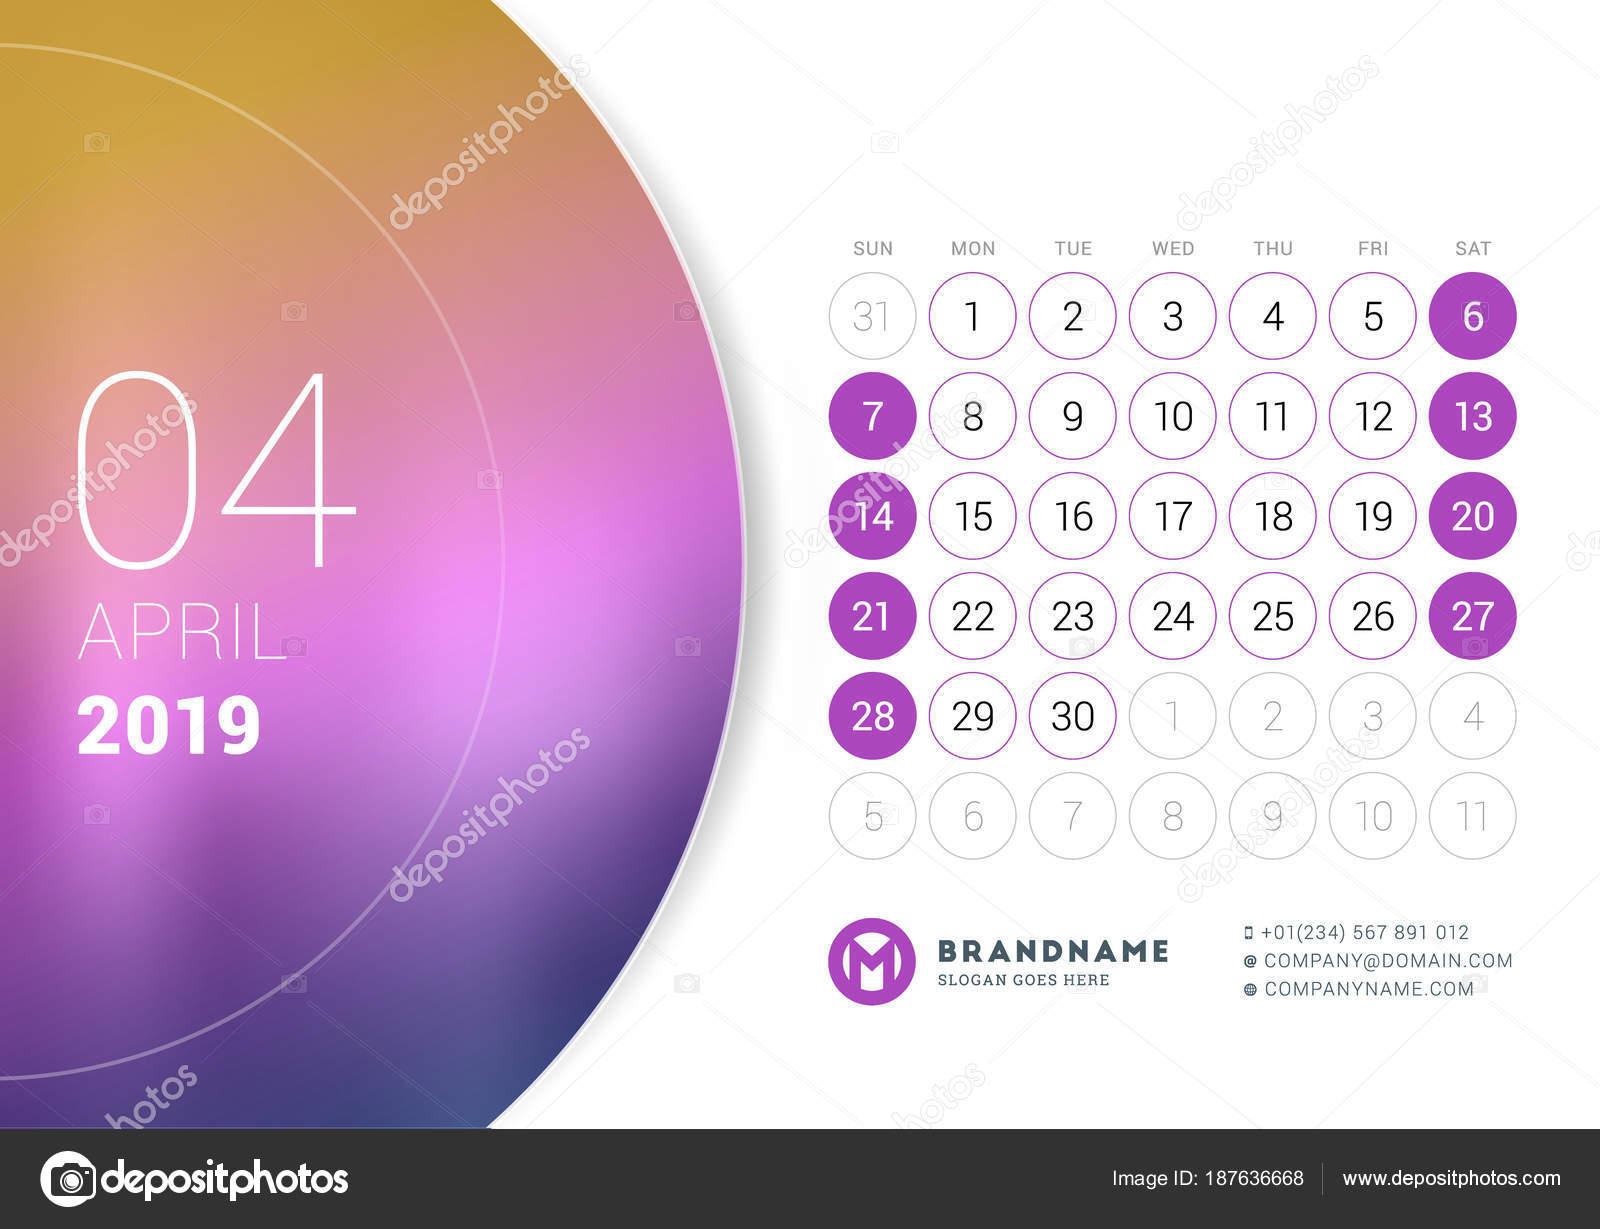 Aprile 2019 Calendario Da Tavolo Per Lanno 2019 Modello